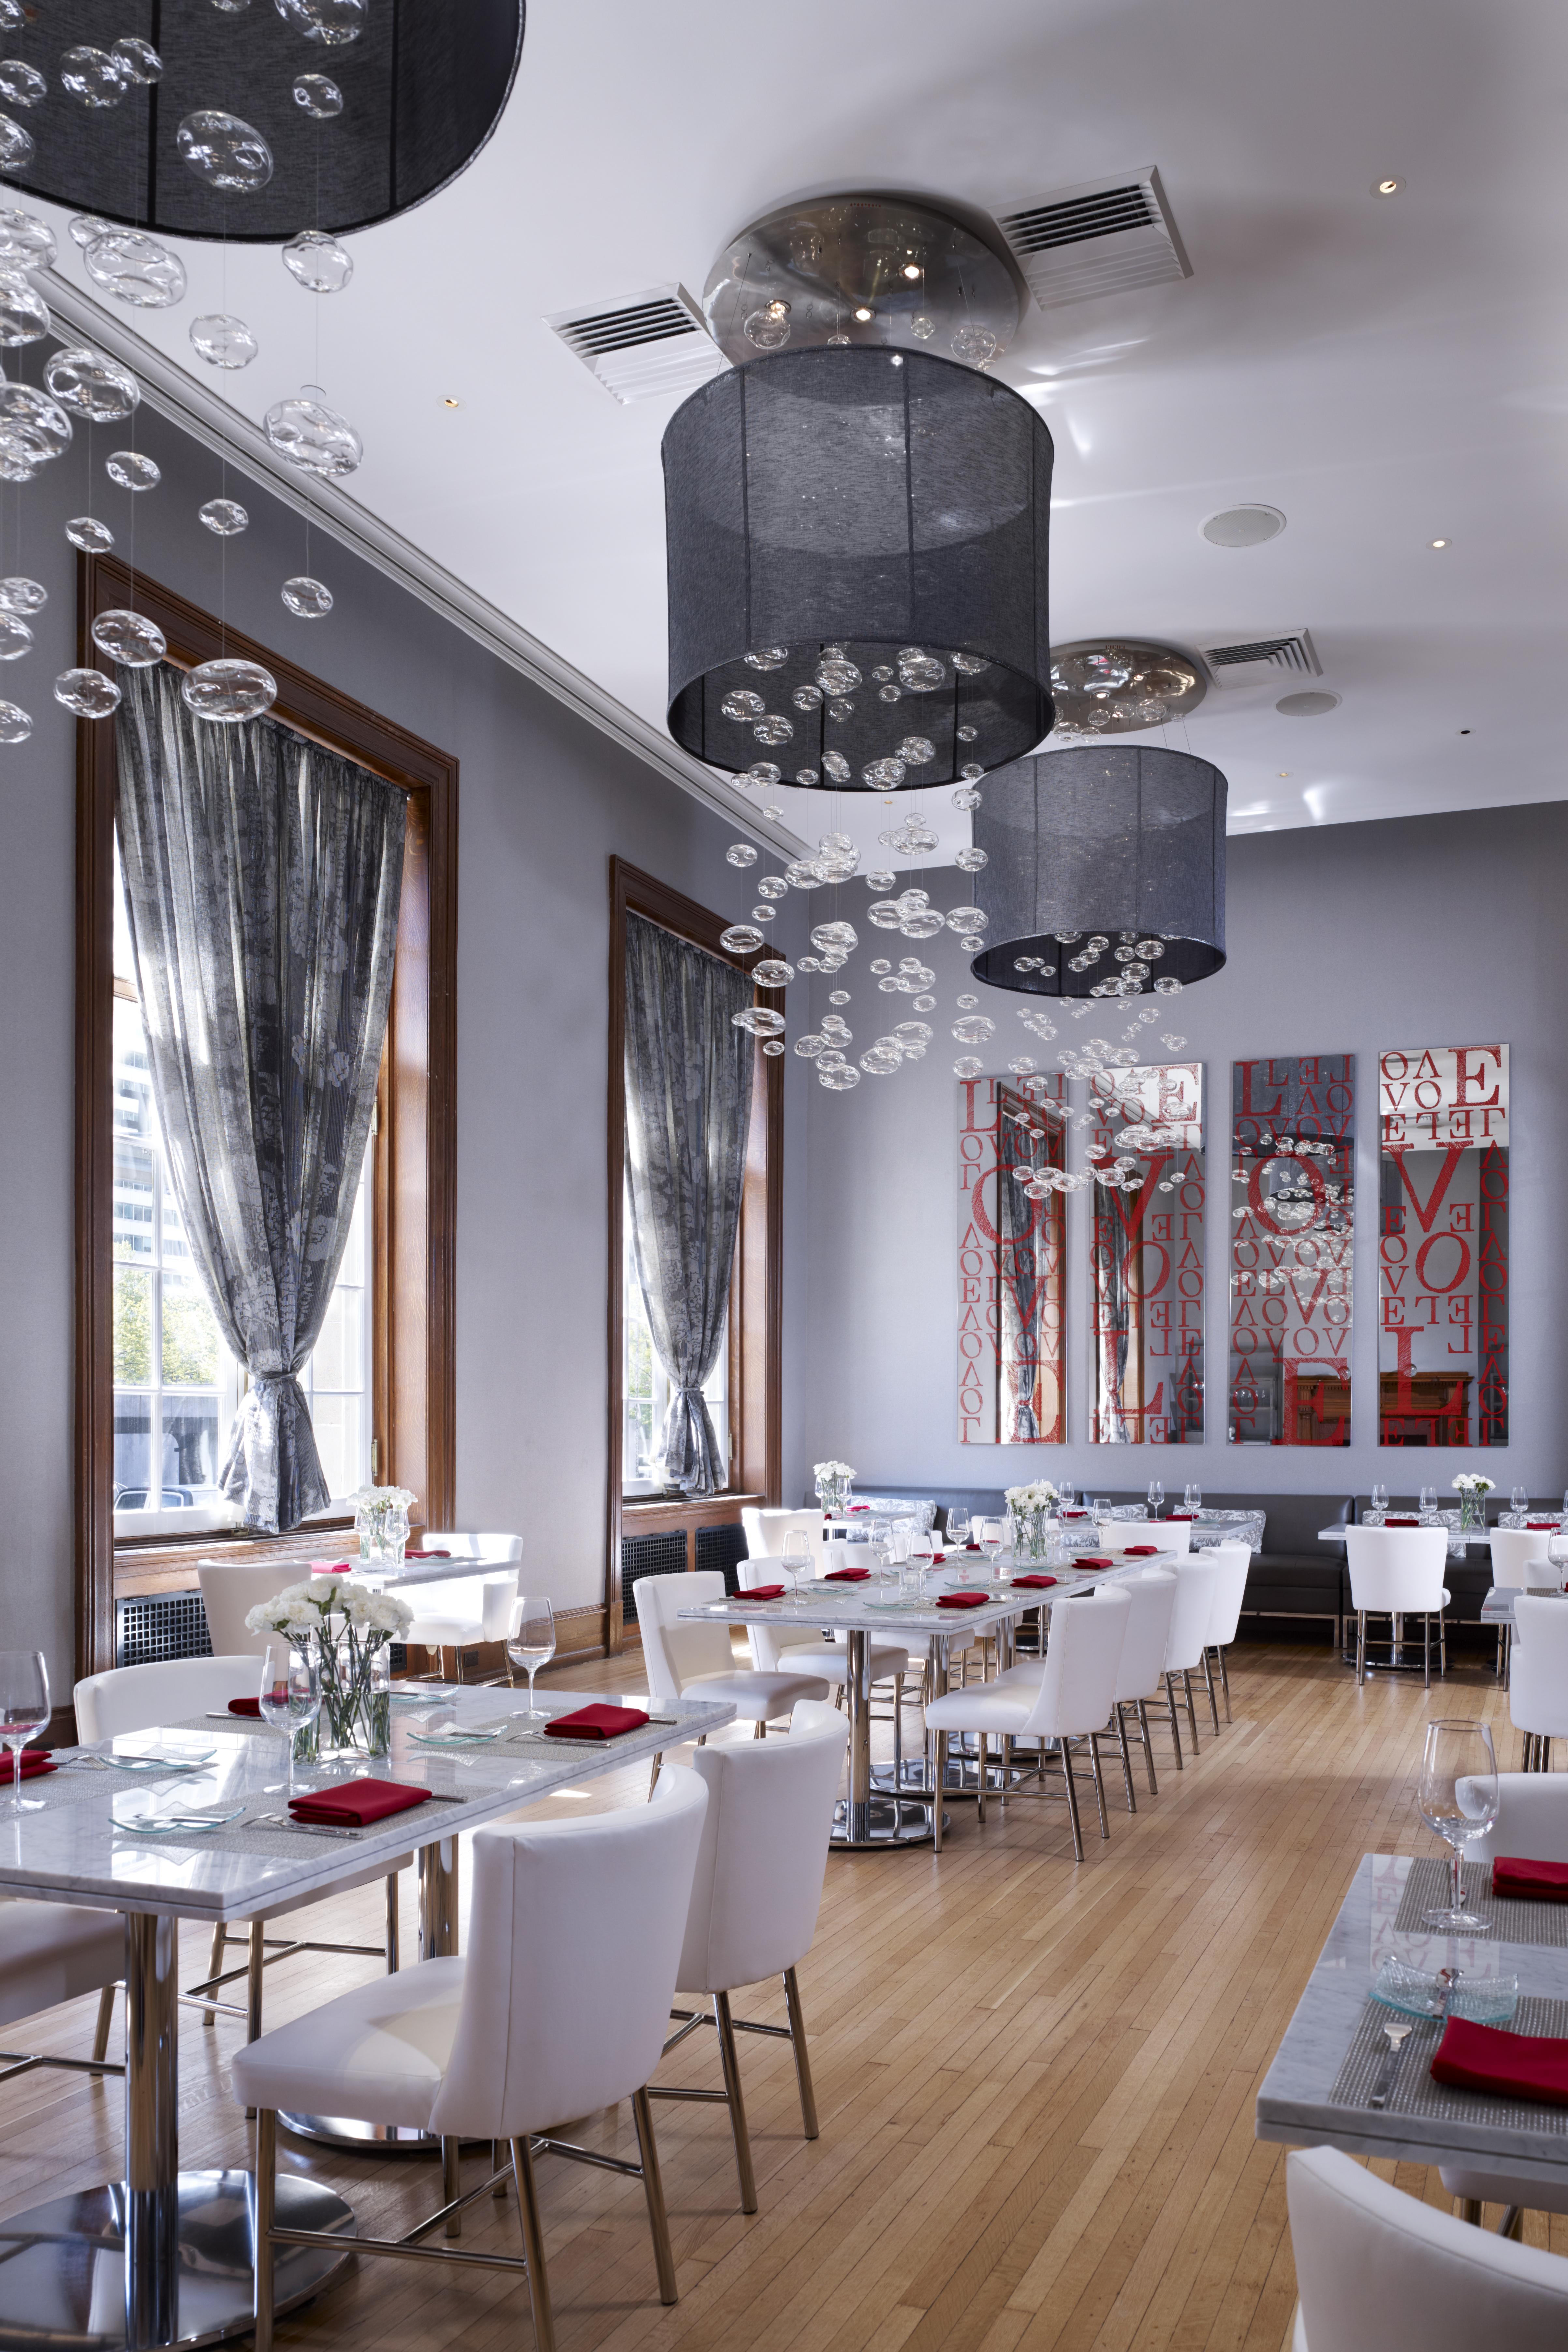 Le Meridian restaurant Interior